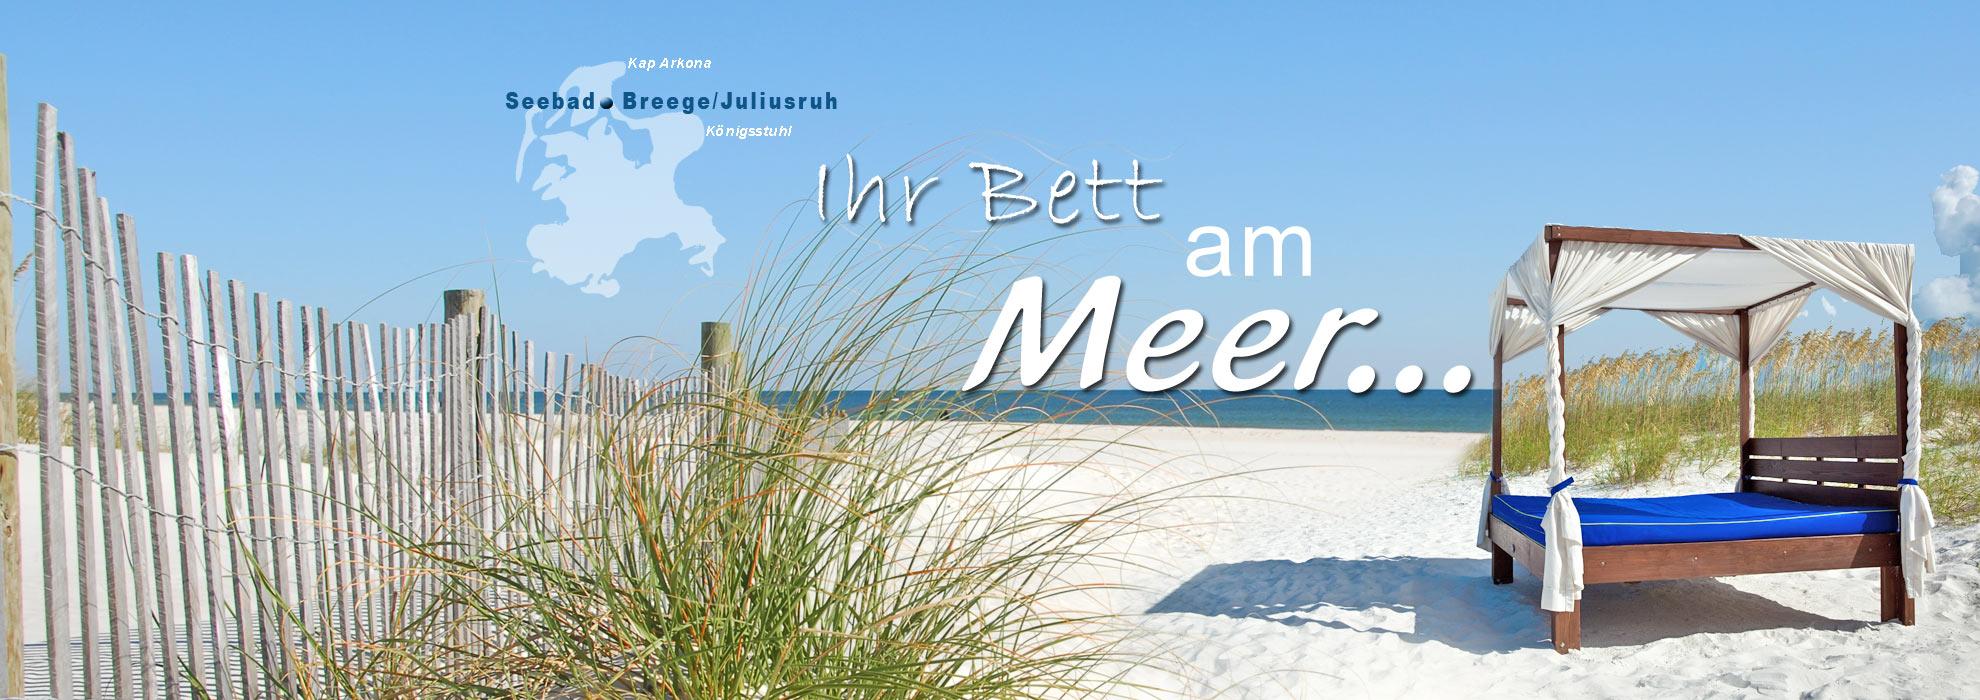 bett-am-meer-2015